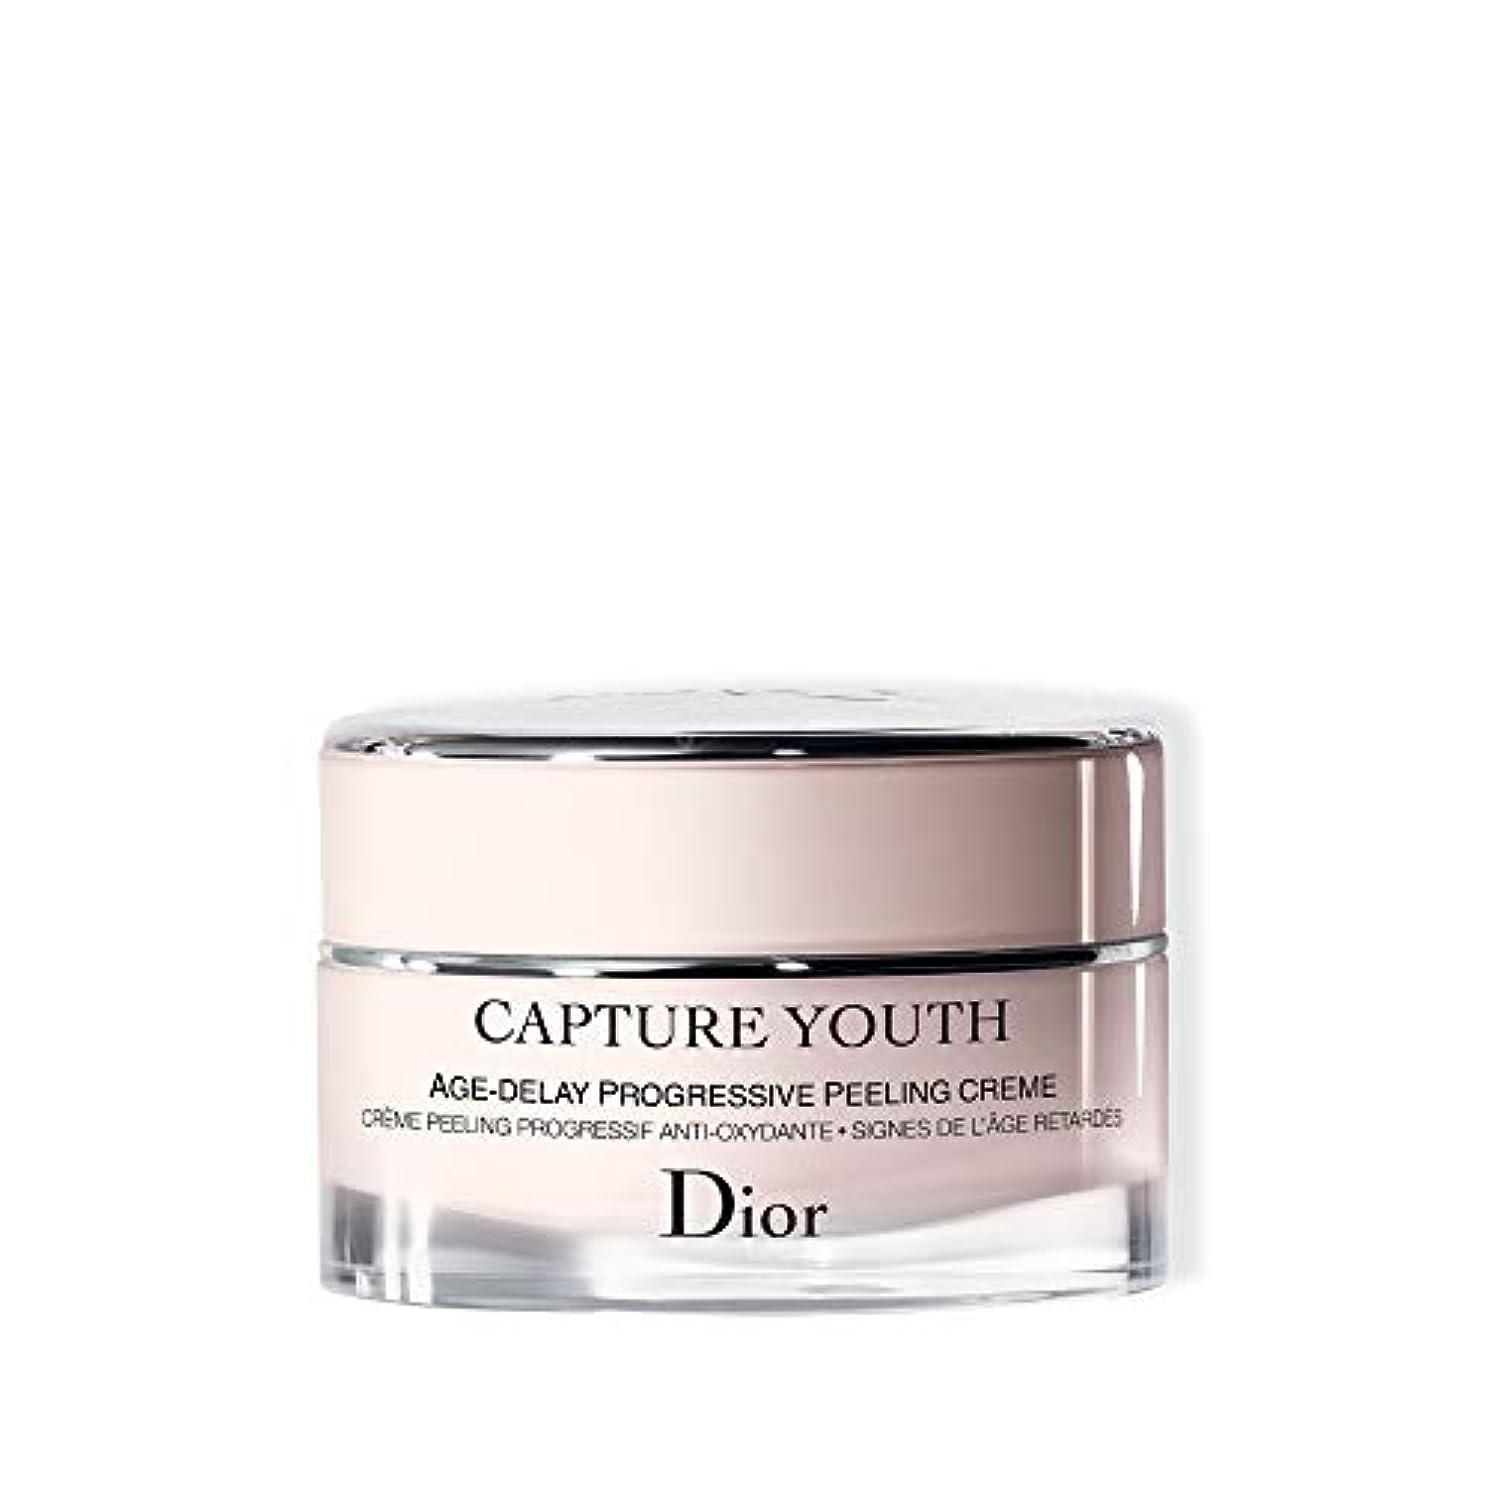 敬意限り怪しいクリスチャンディオール Capture Youth Age-Delay Progressive Peeling Creme 50ml/1.8oz並行輸入品